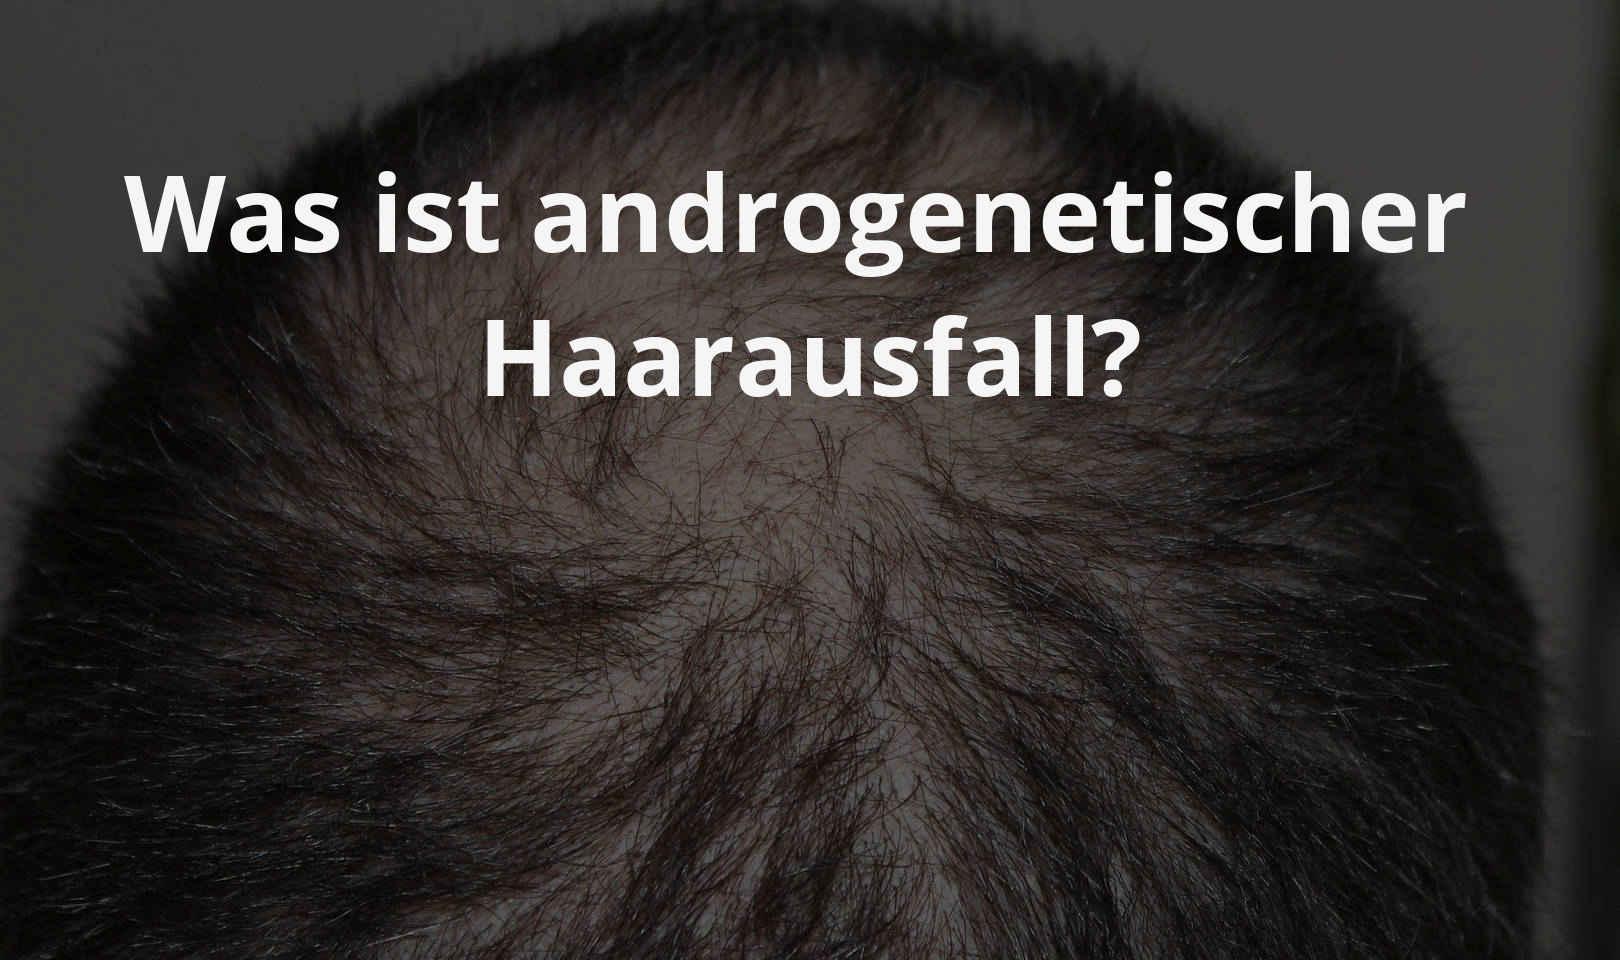 Was ist androgenetischer Haarausfall?